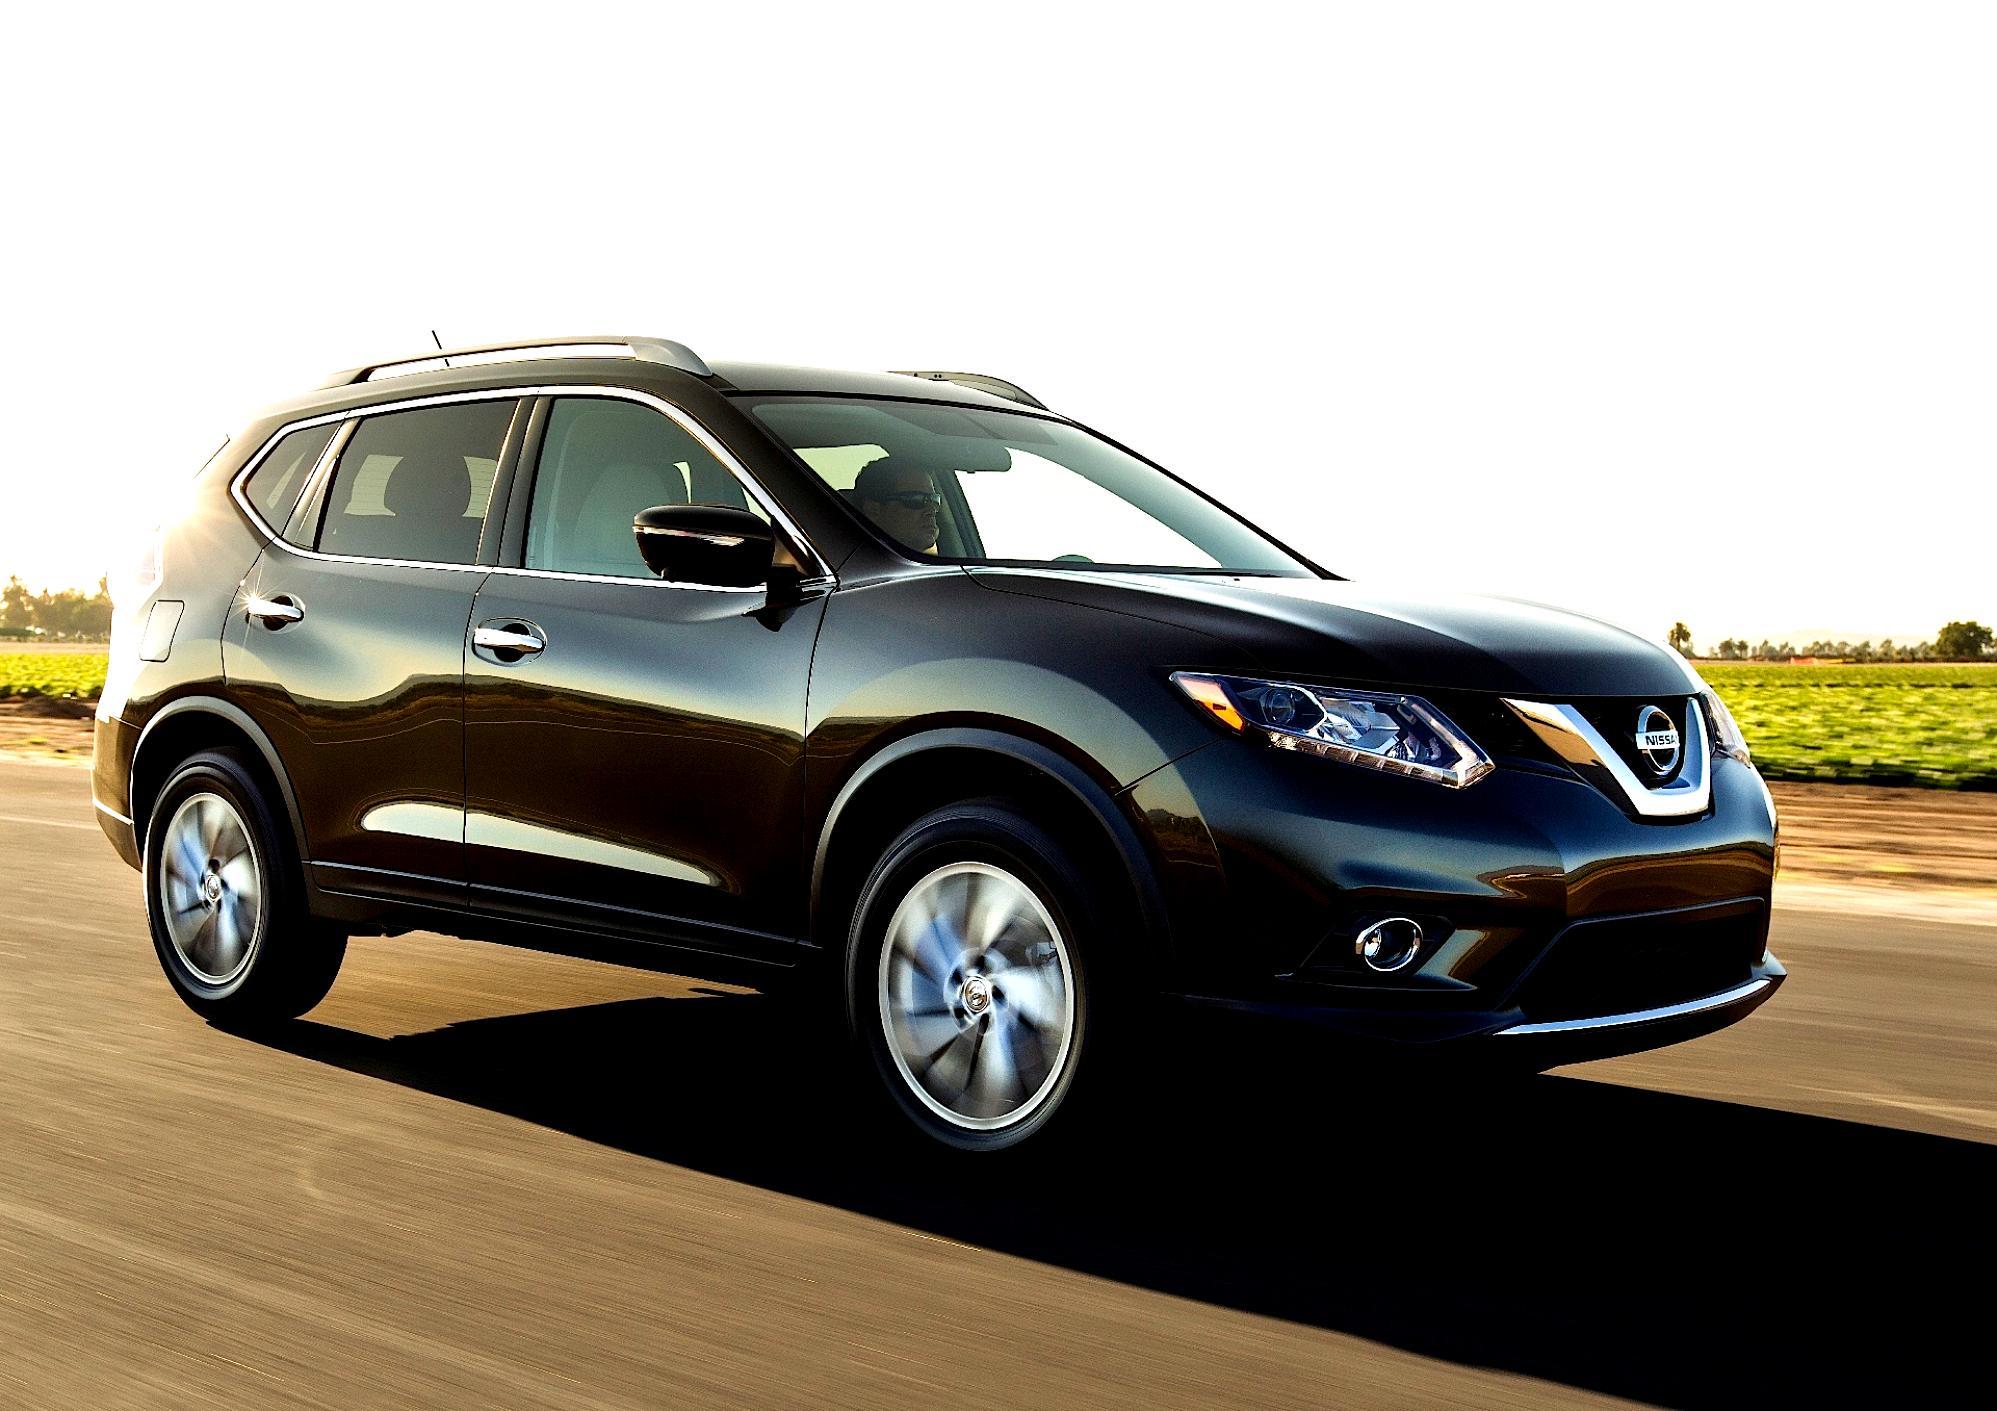 Nissan Rogue 2014 on MotoImg